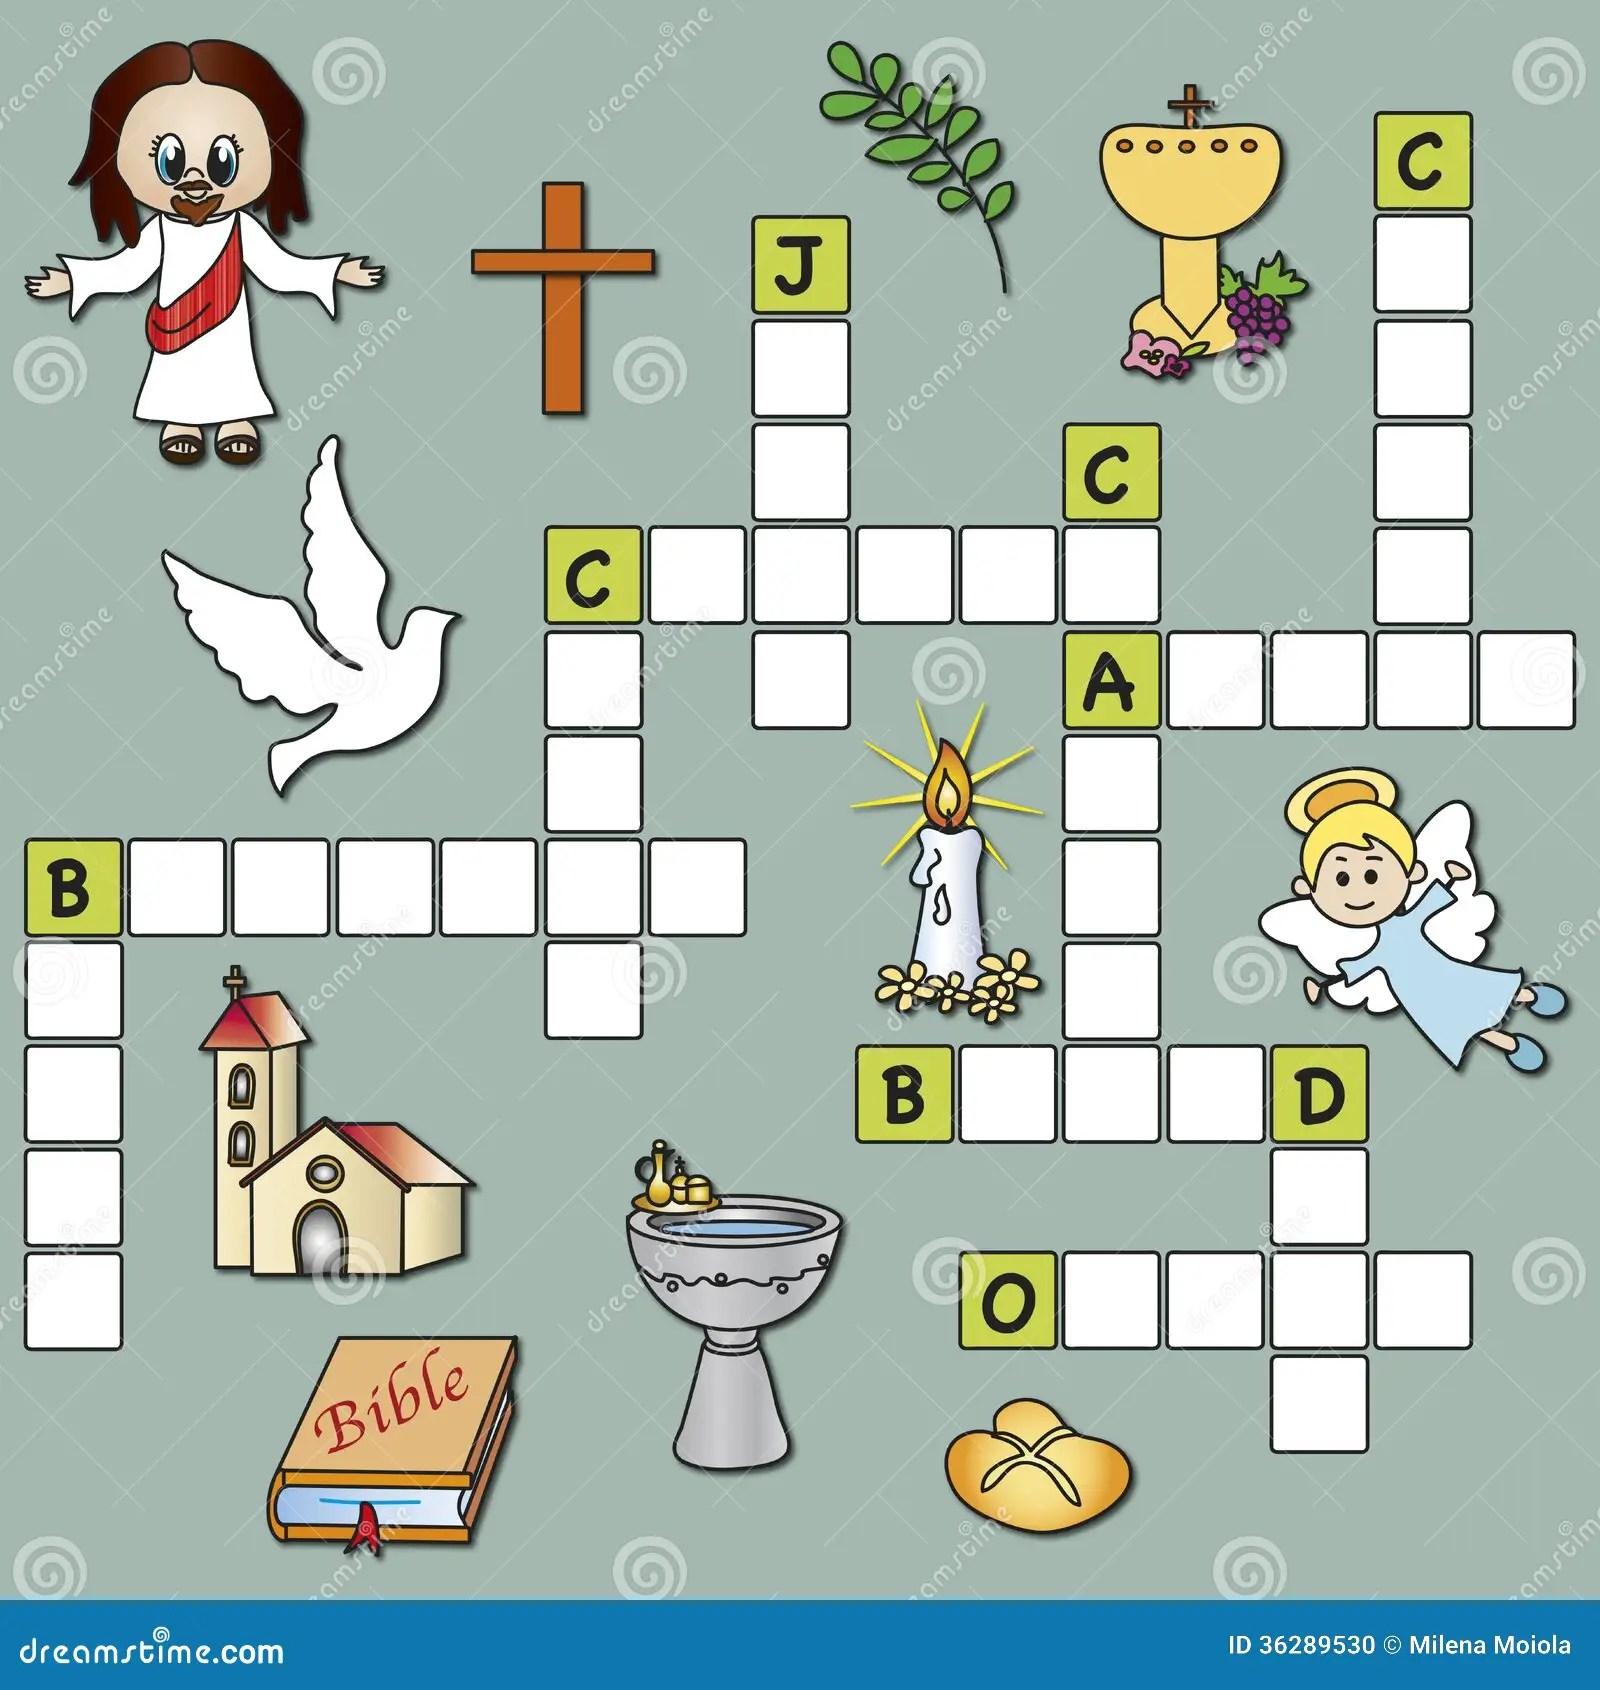 Crossword Religion Stock Photo